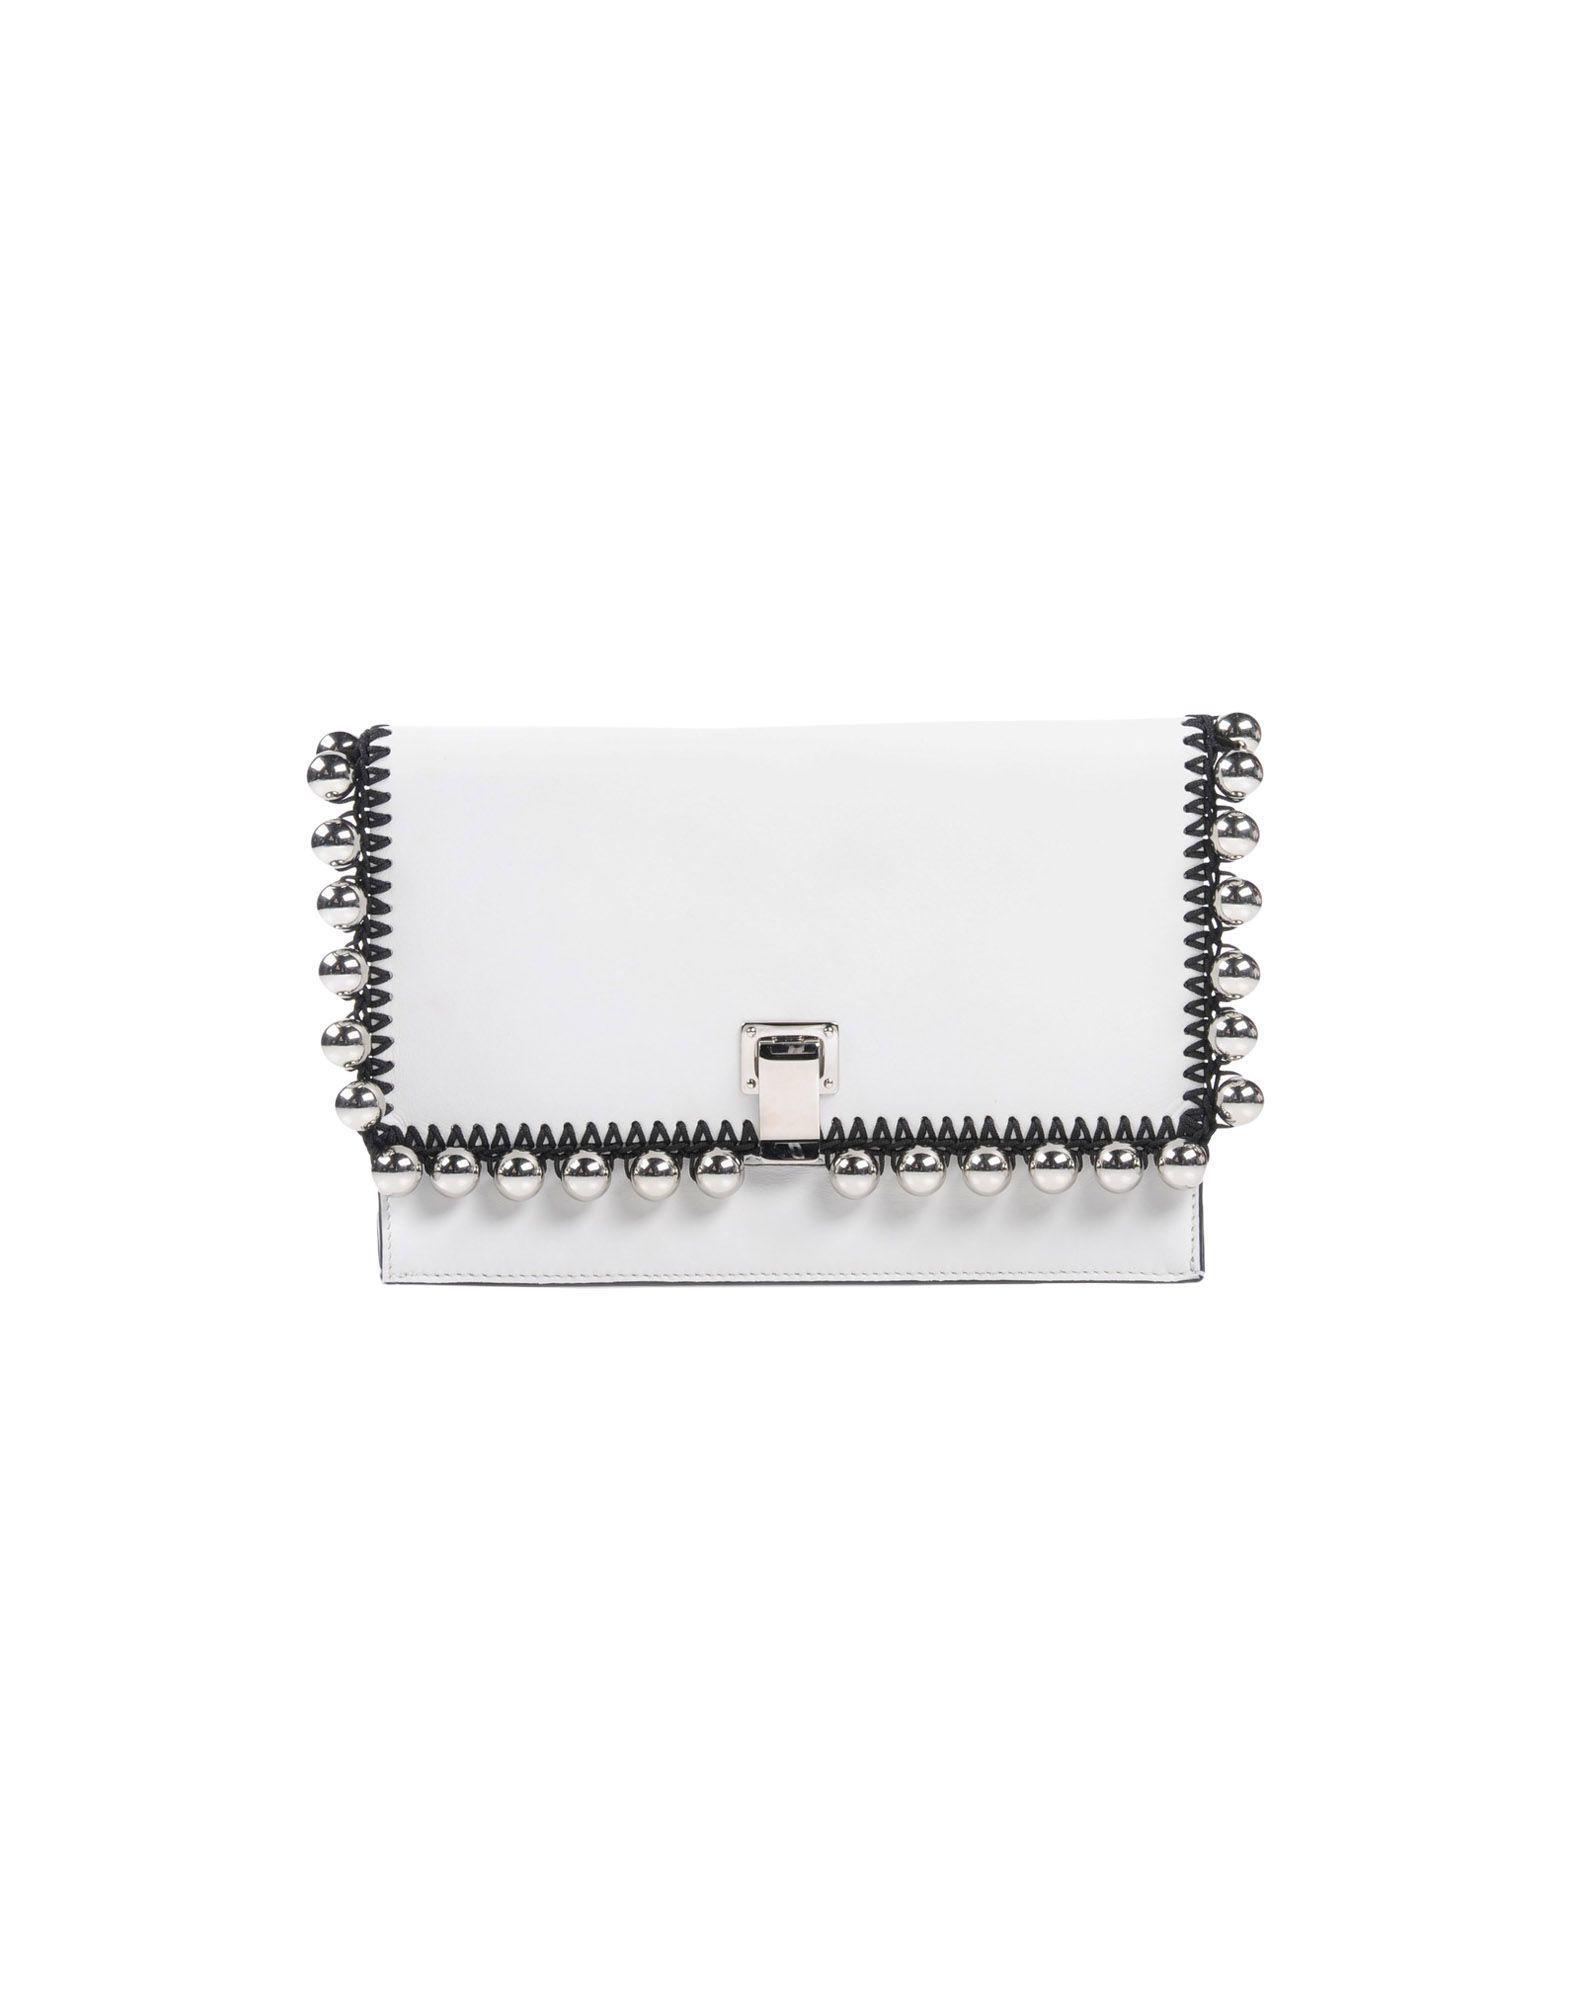 Proenza Schouler Handbags In White